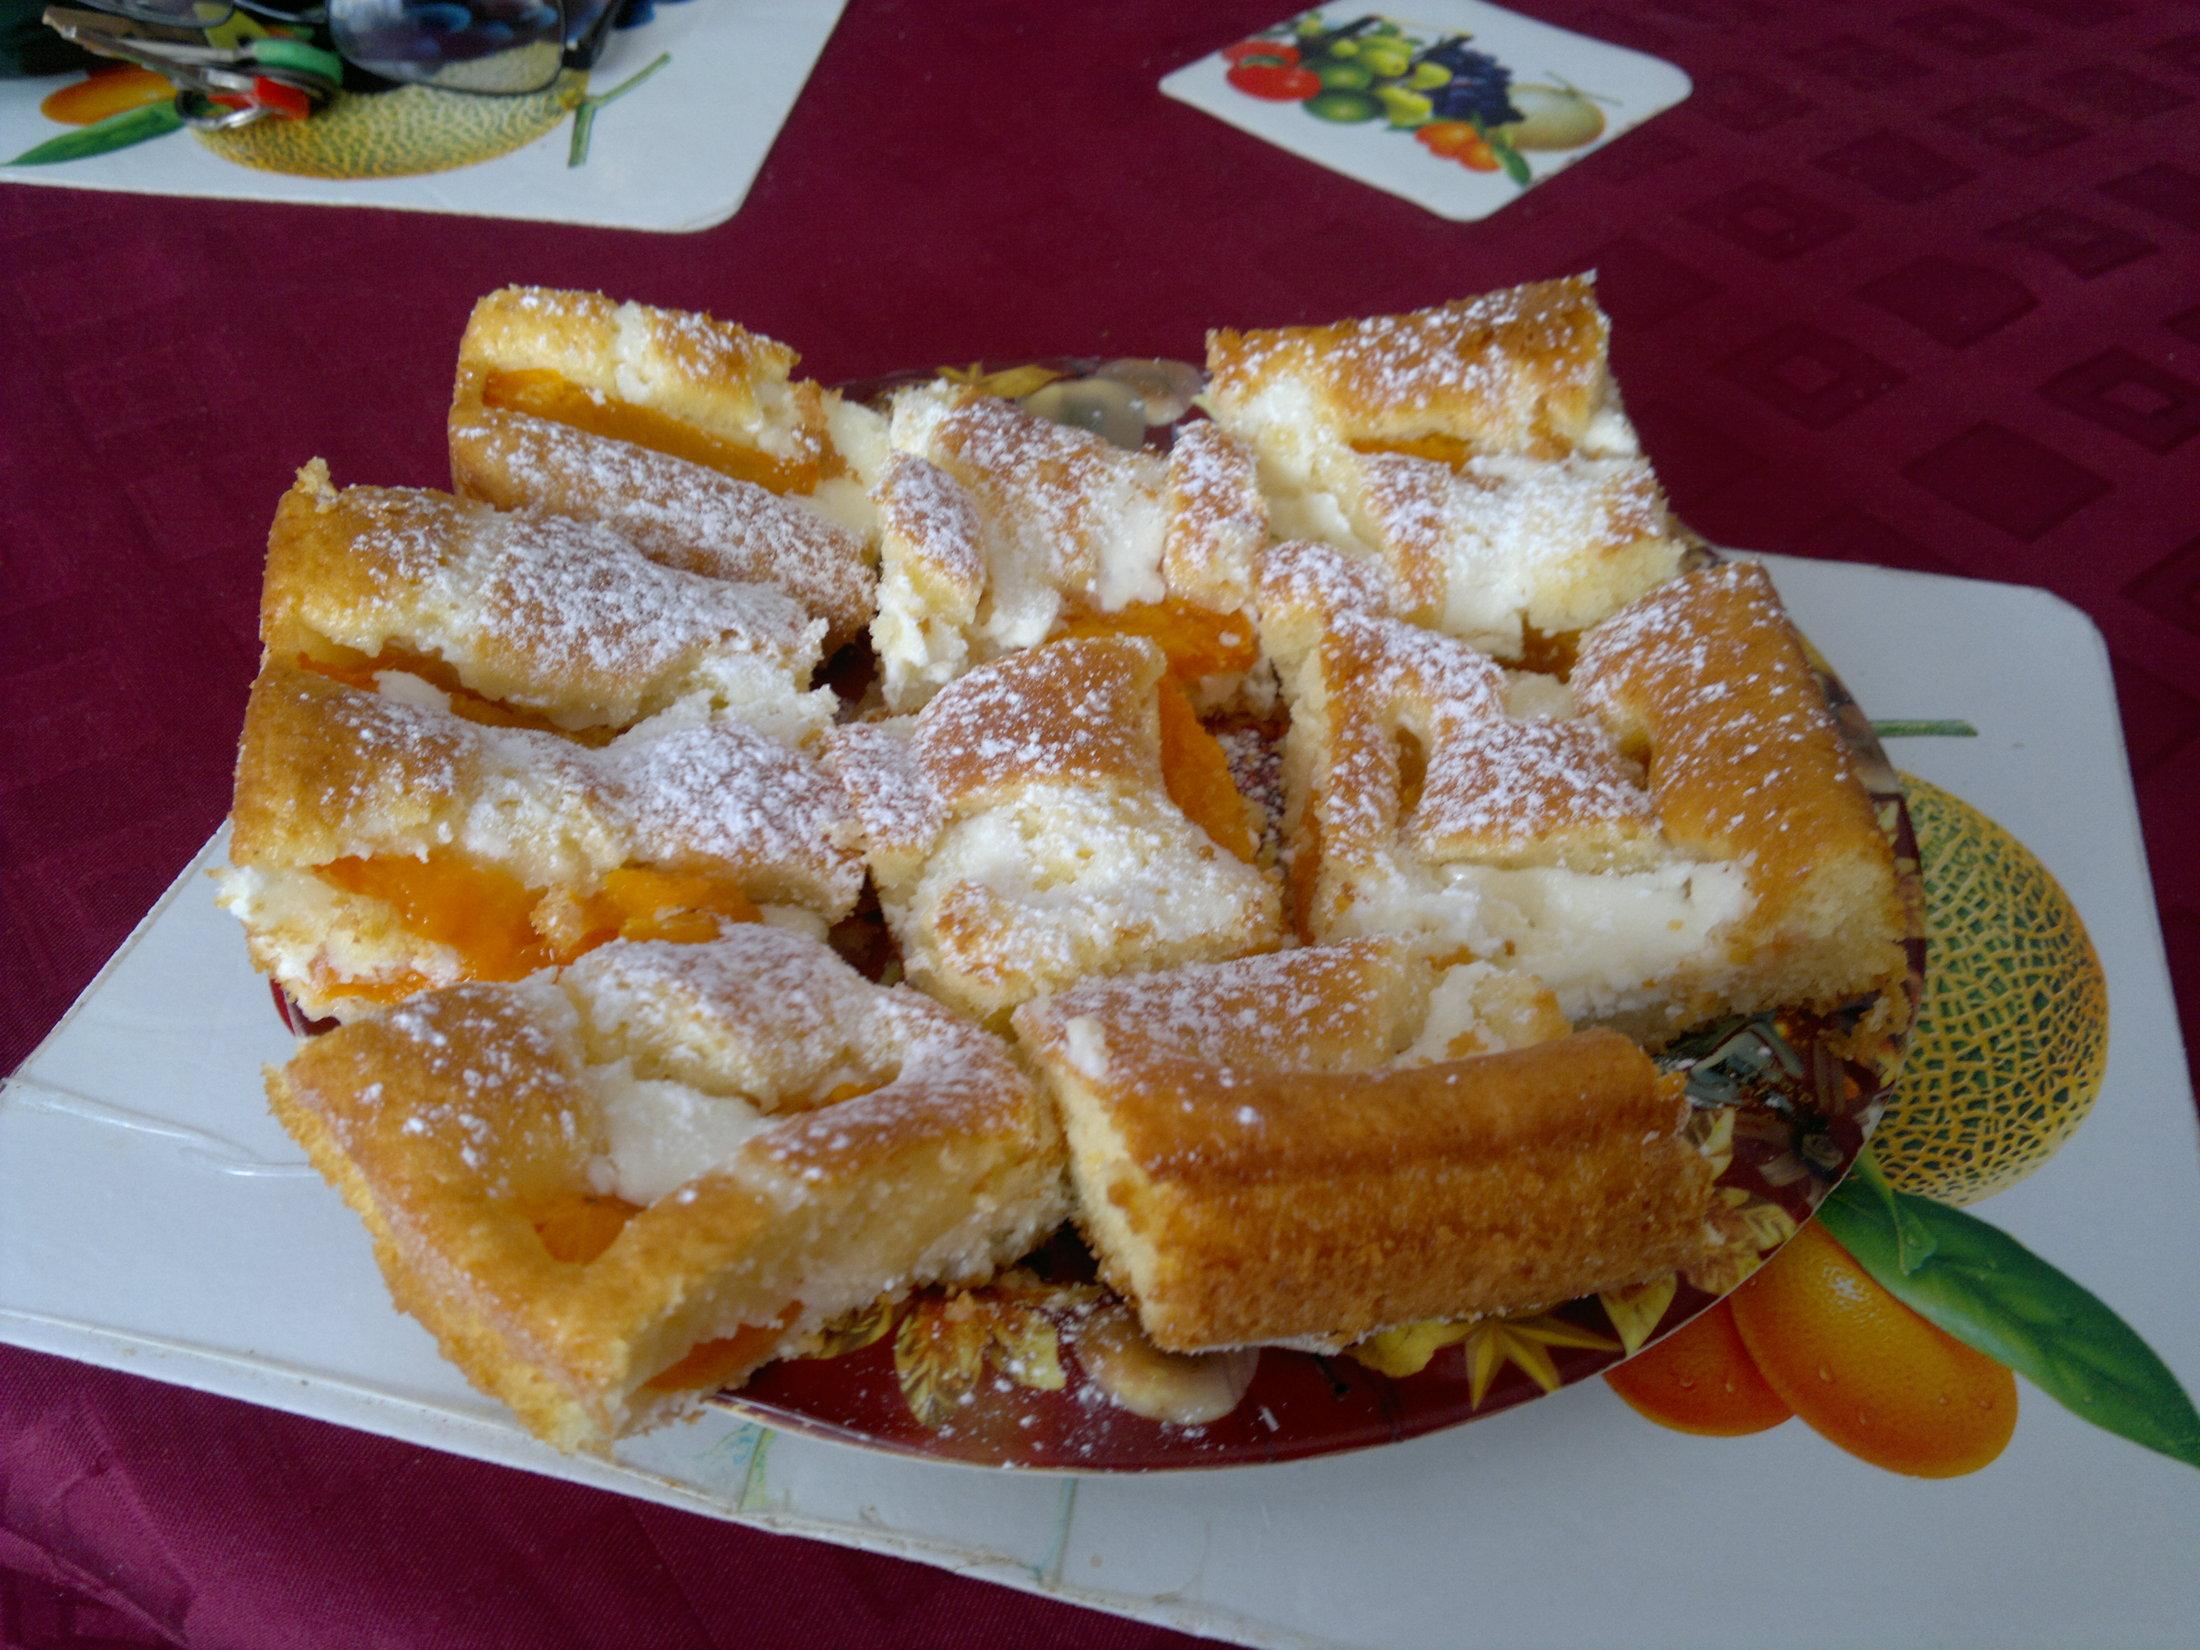 Recept Ovocná bublanina 1 - Meruňková bublanina s tvarohem  -naservírovaná. Přeji dobrou chuť!